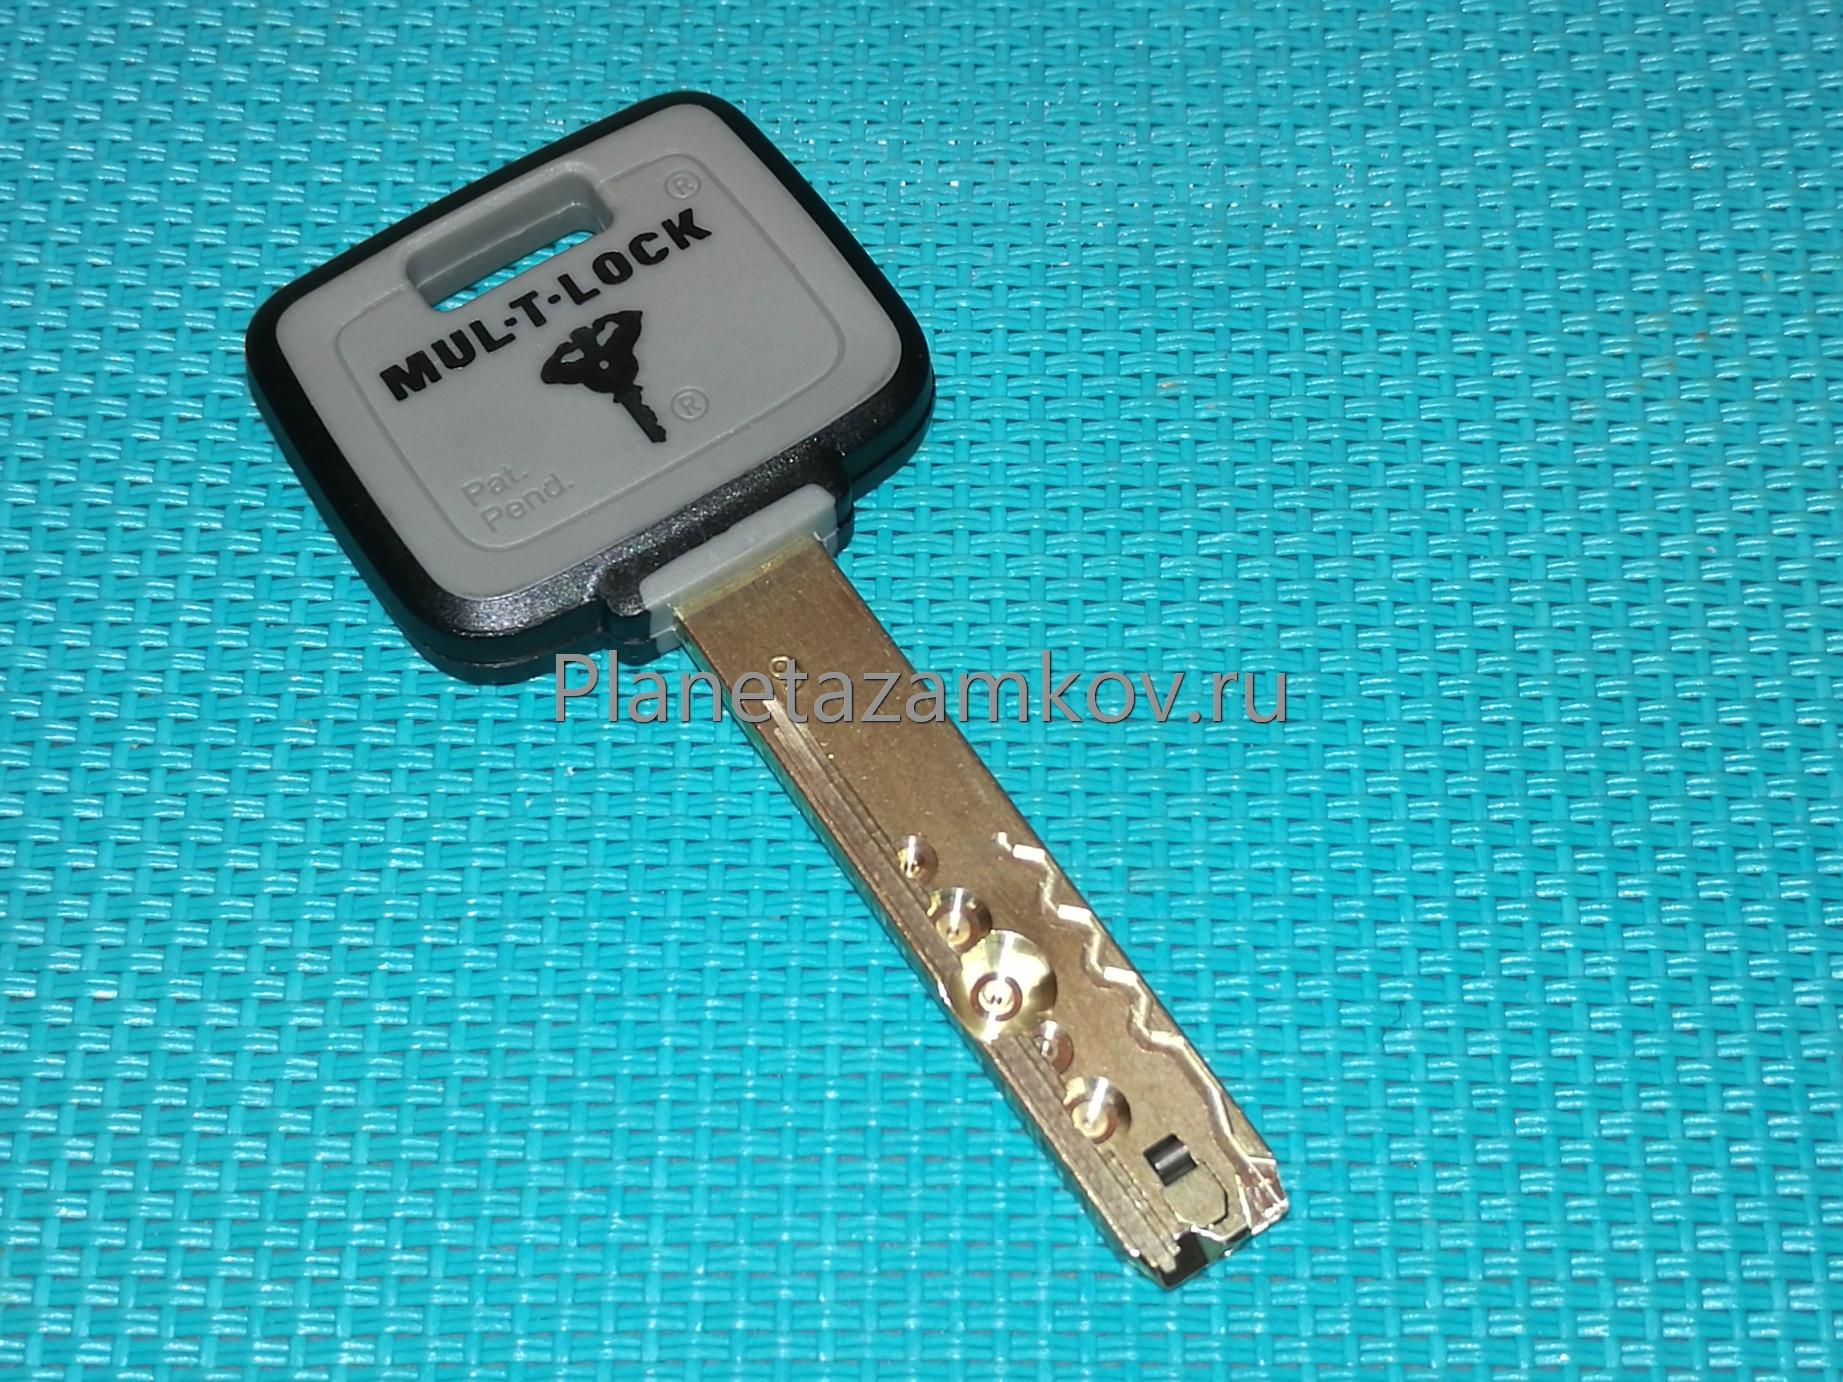 личинка замка Mul t lock (мультилок) ключи нового покаления